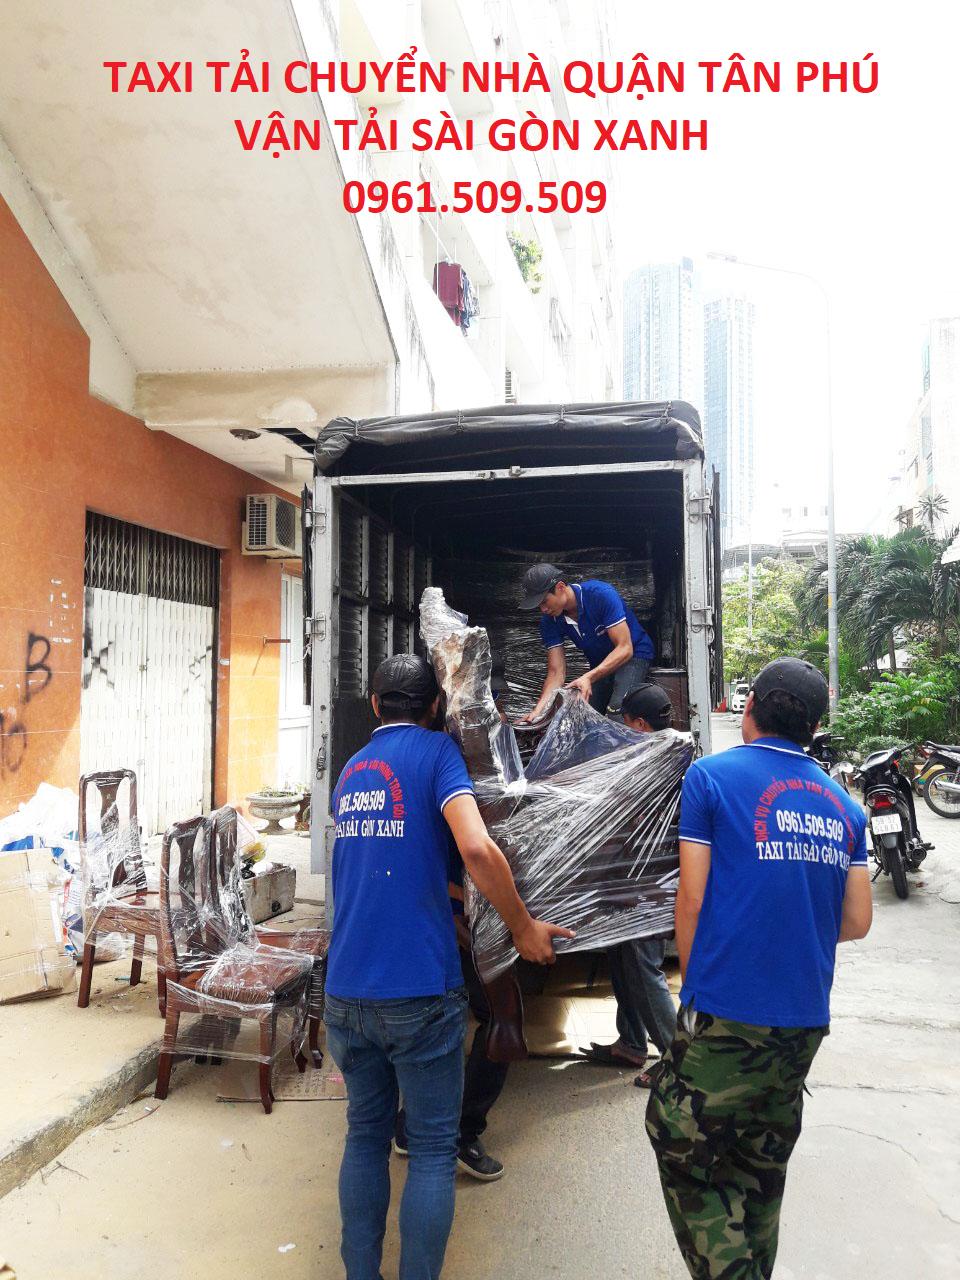 Taxi tải chuyển nhà quận Tân Phú